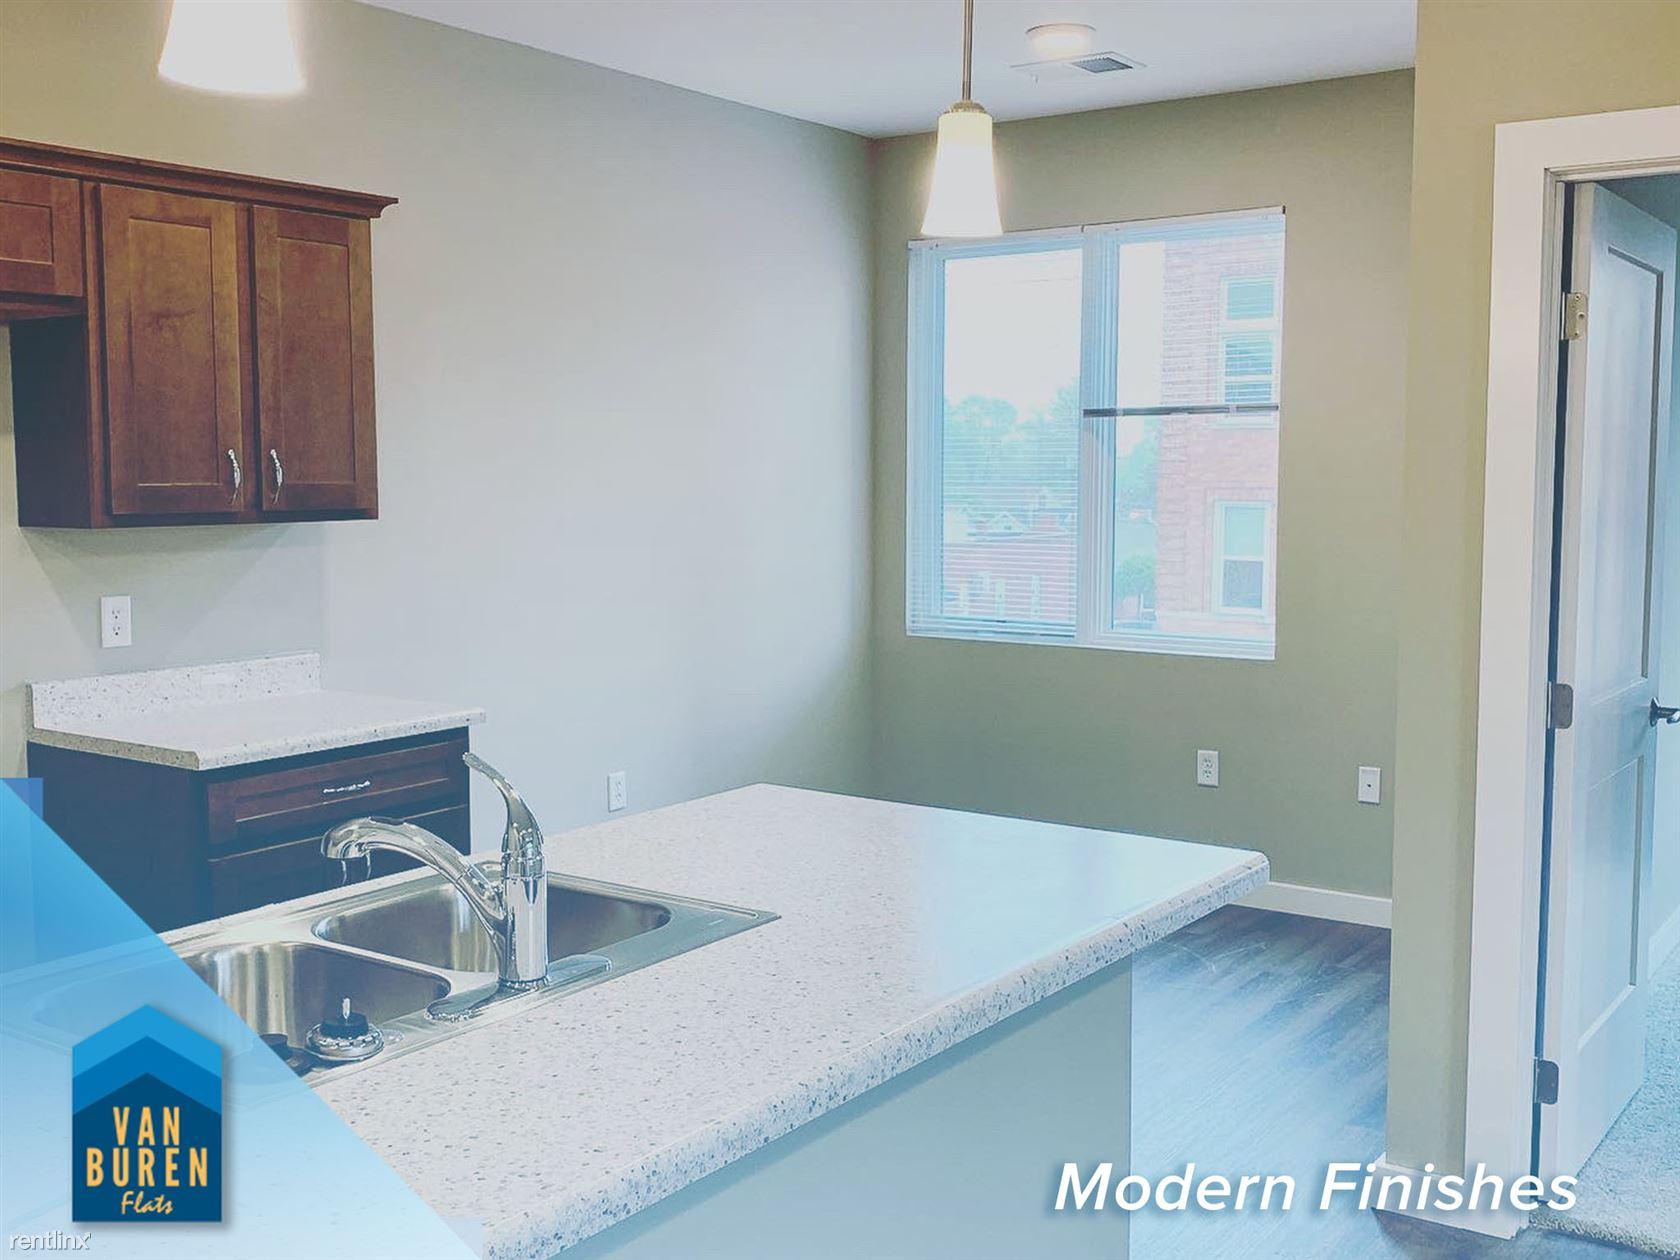 306 W Van Buren St, Columbia City, IN - $238